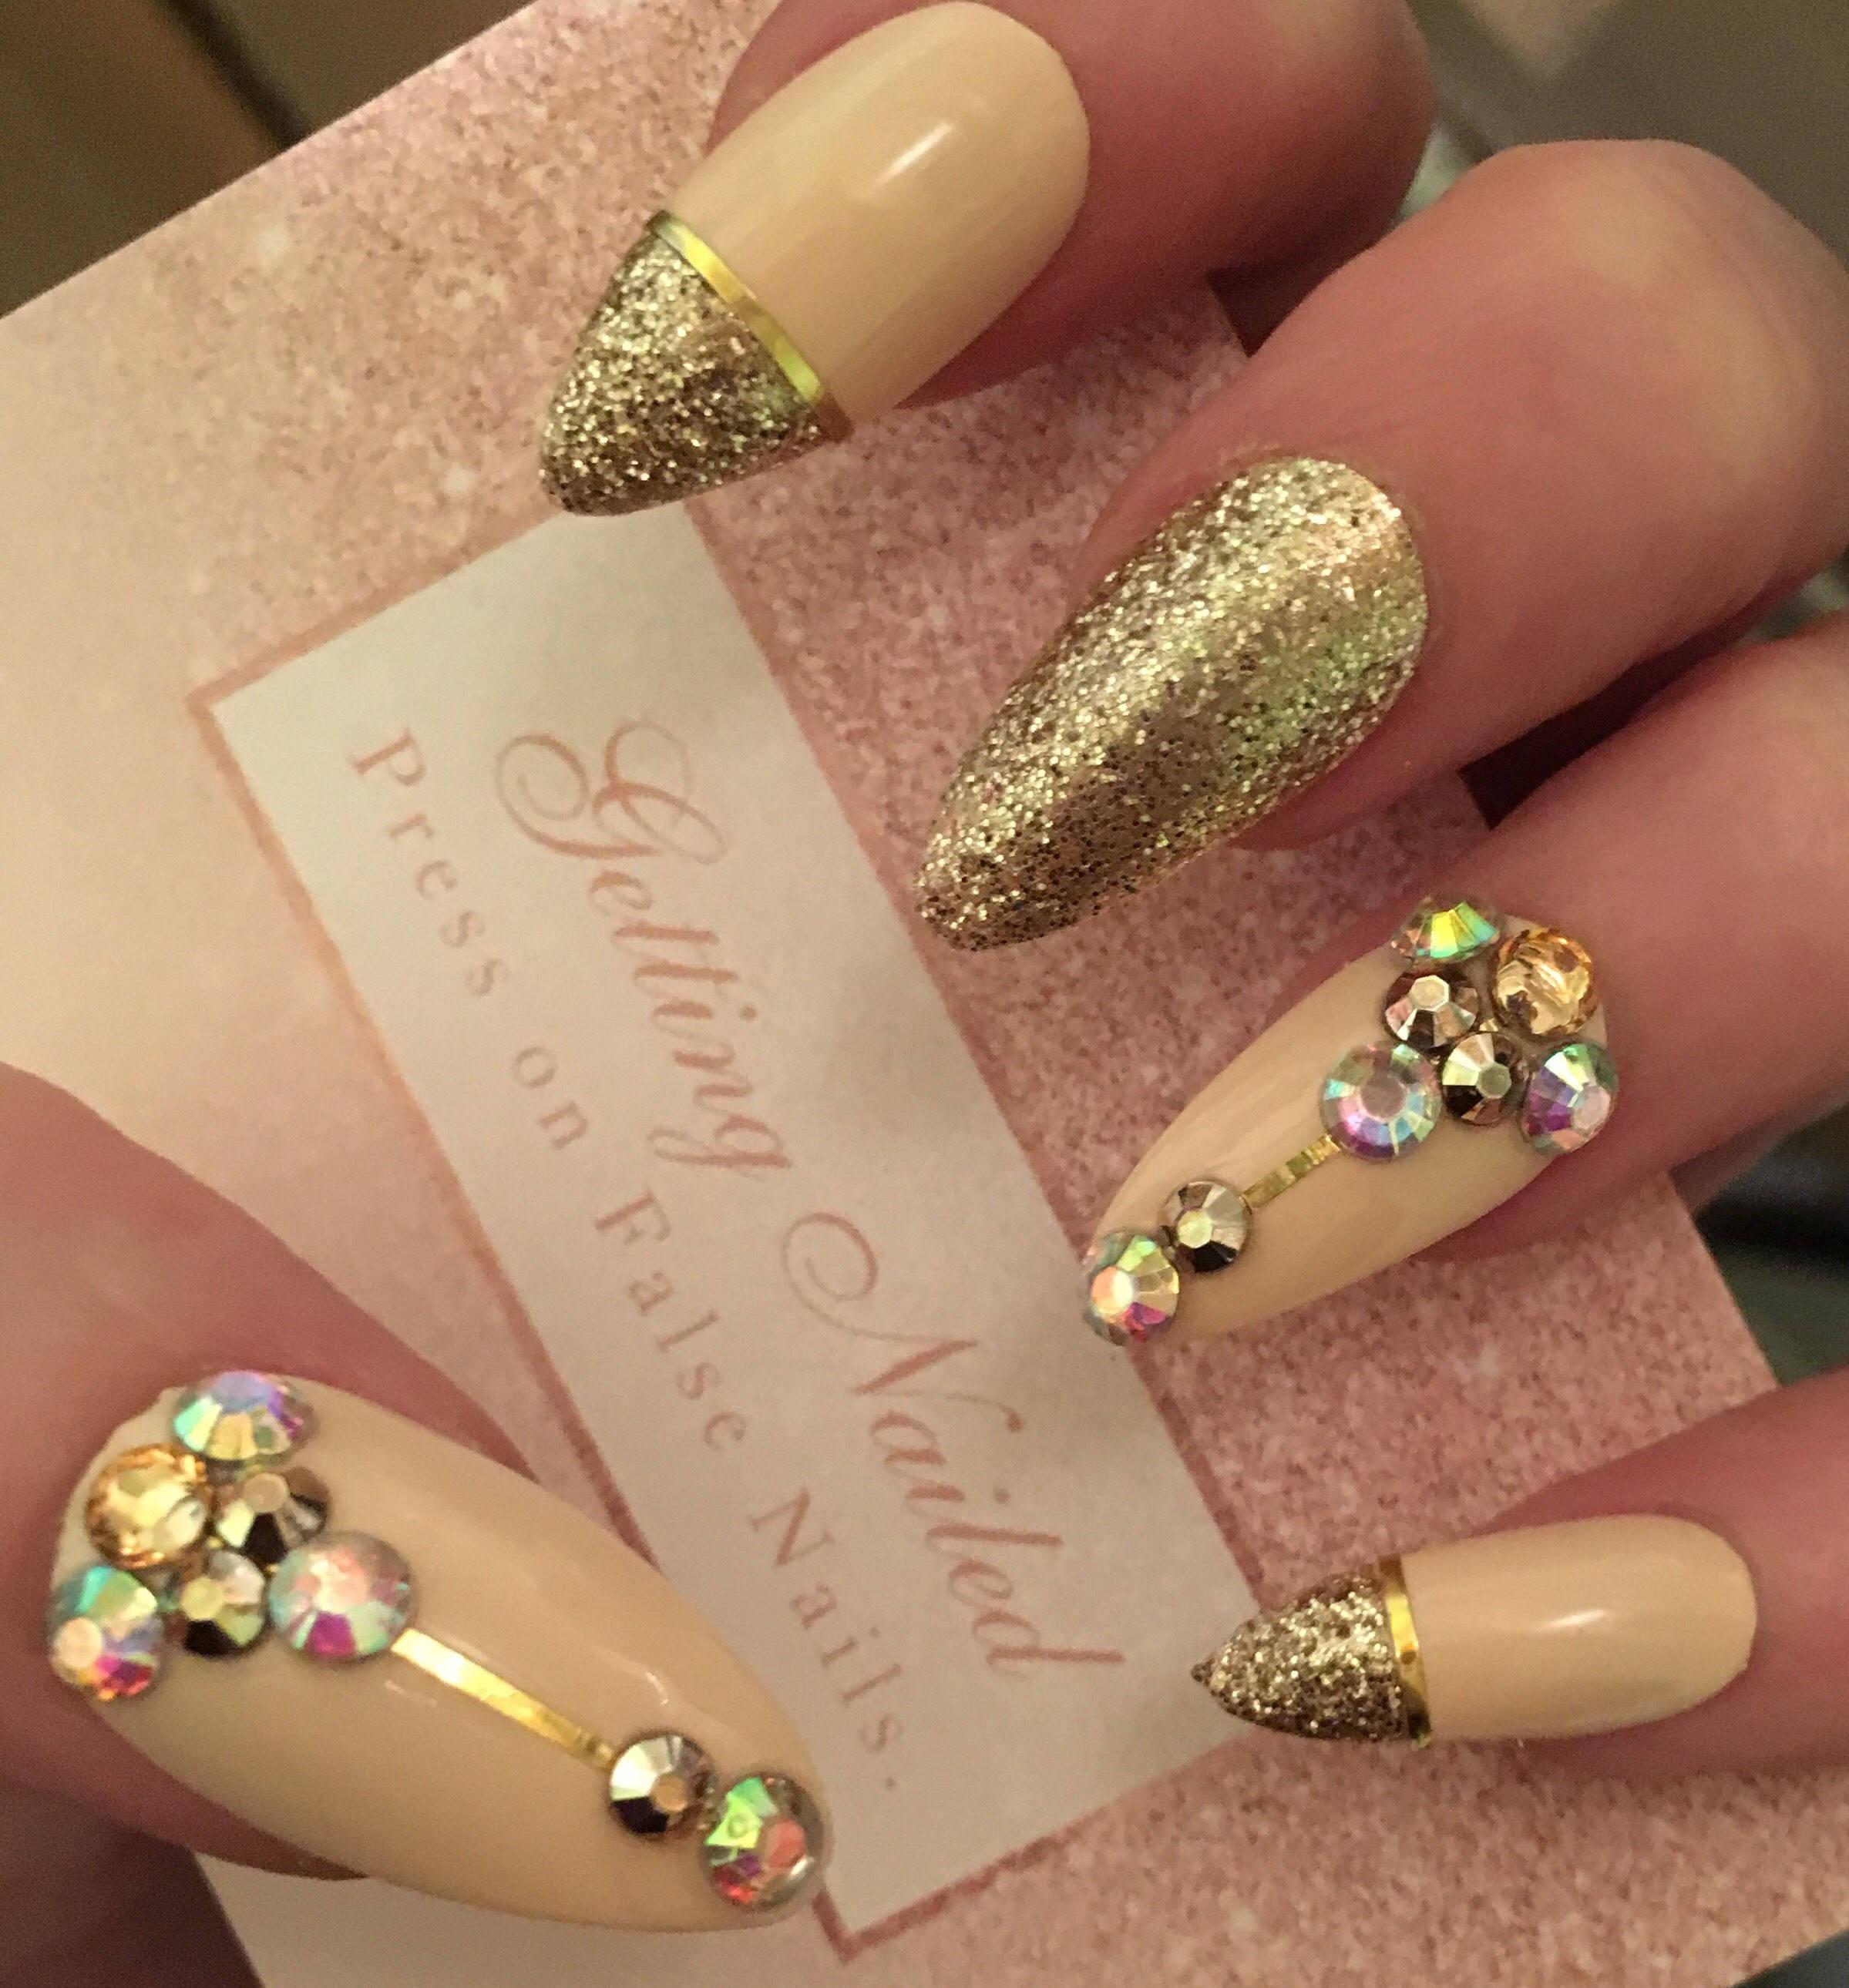 Fale nails, Nude false nails, nude gold nails, false nail set, nude ...